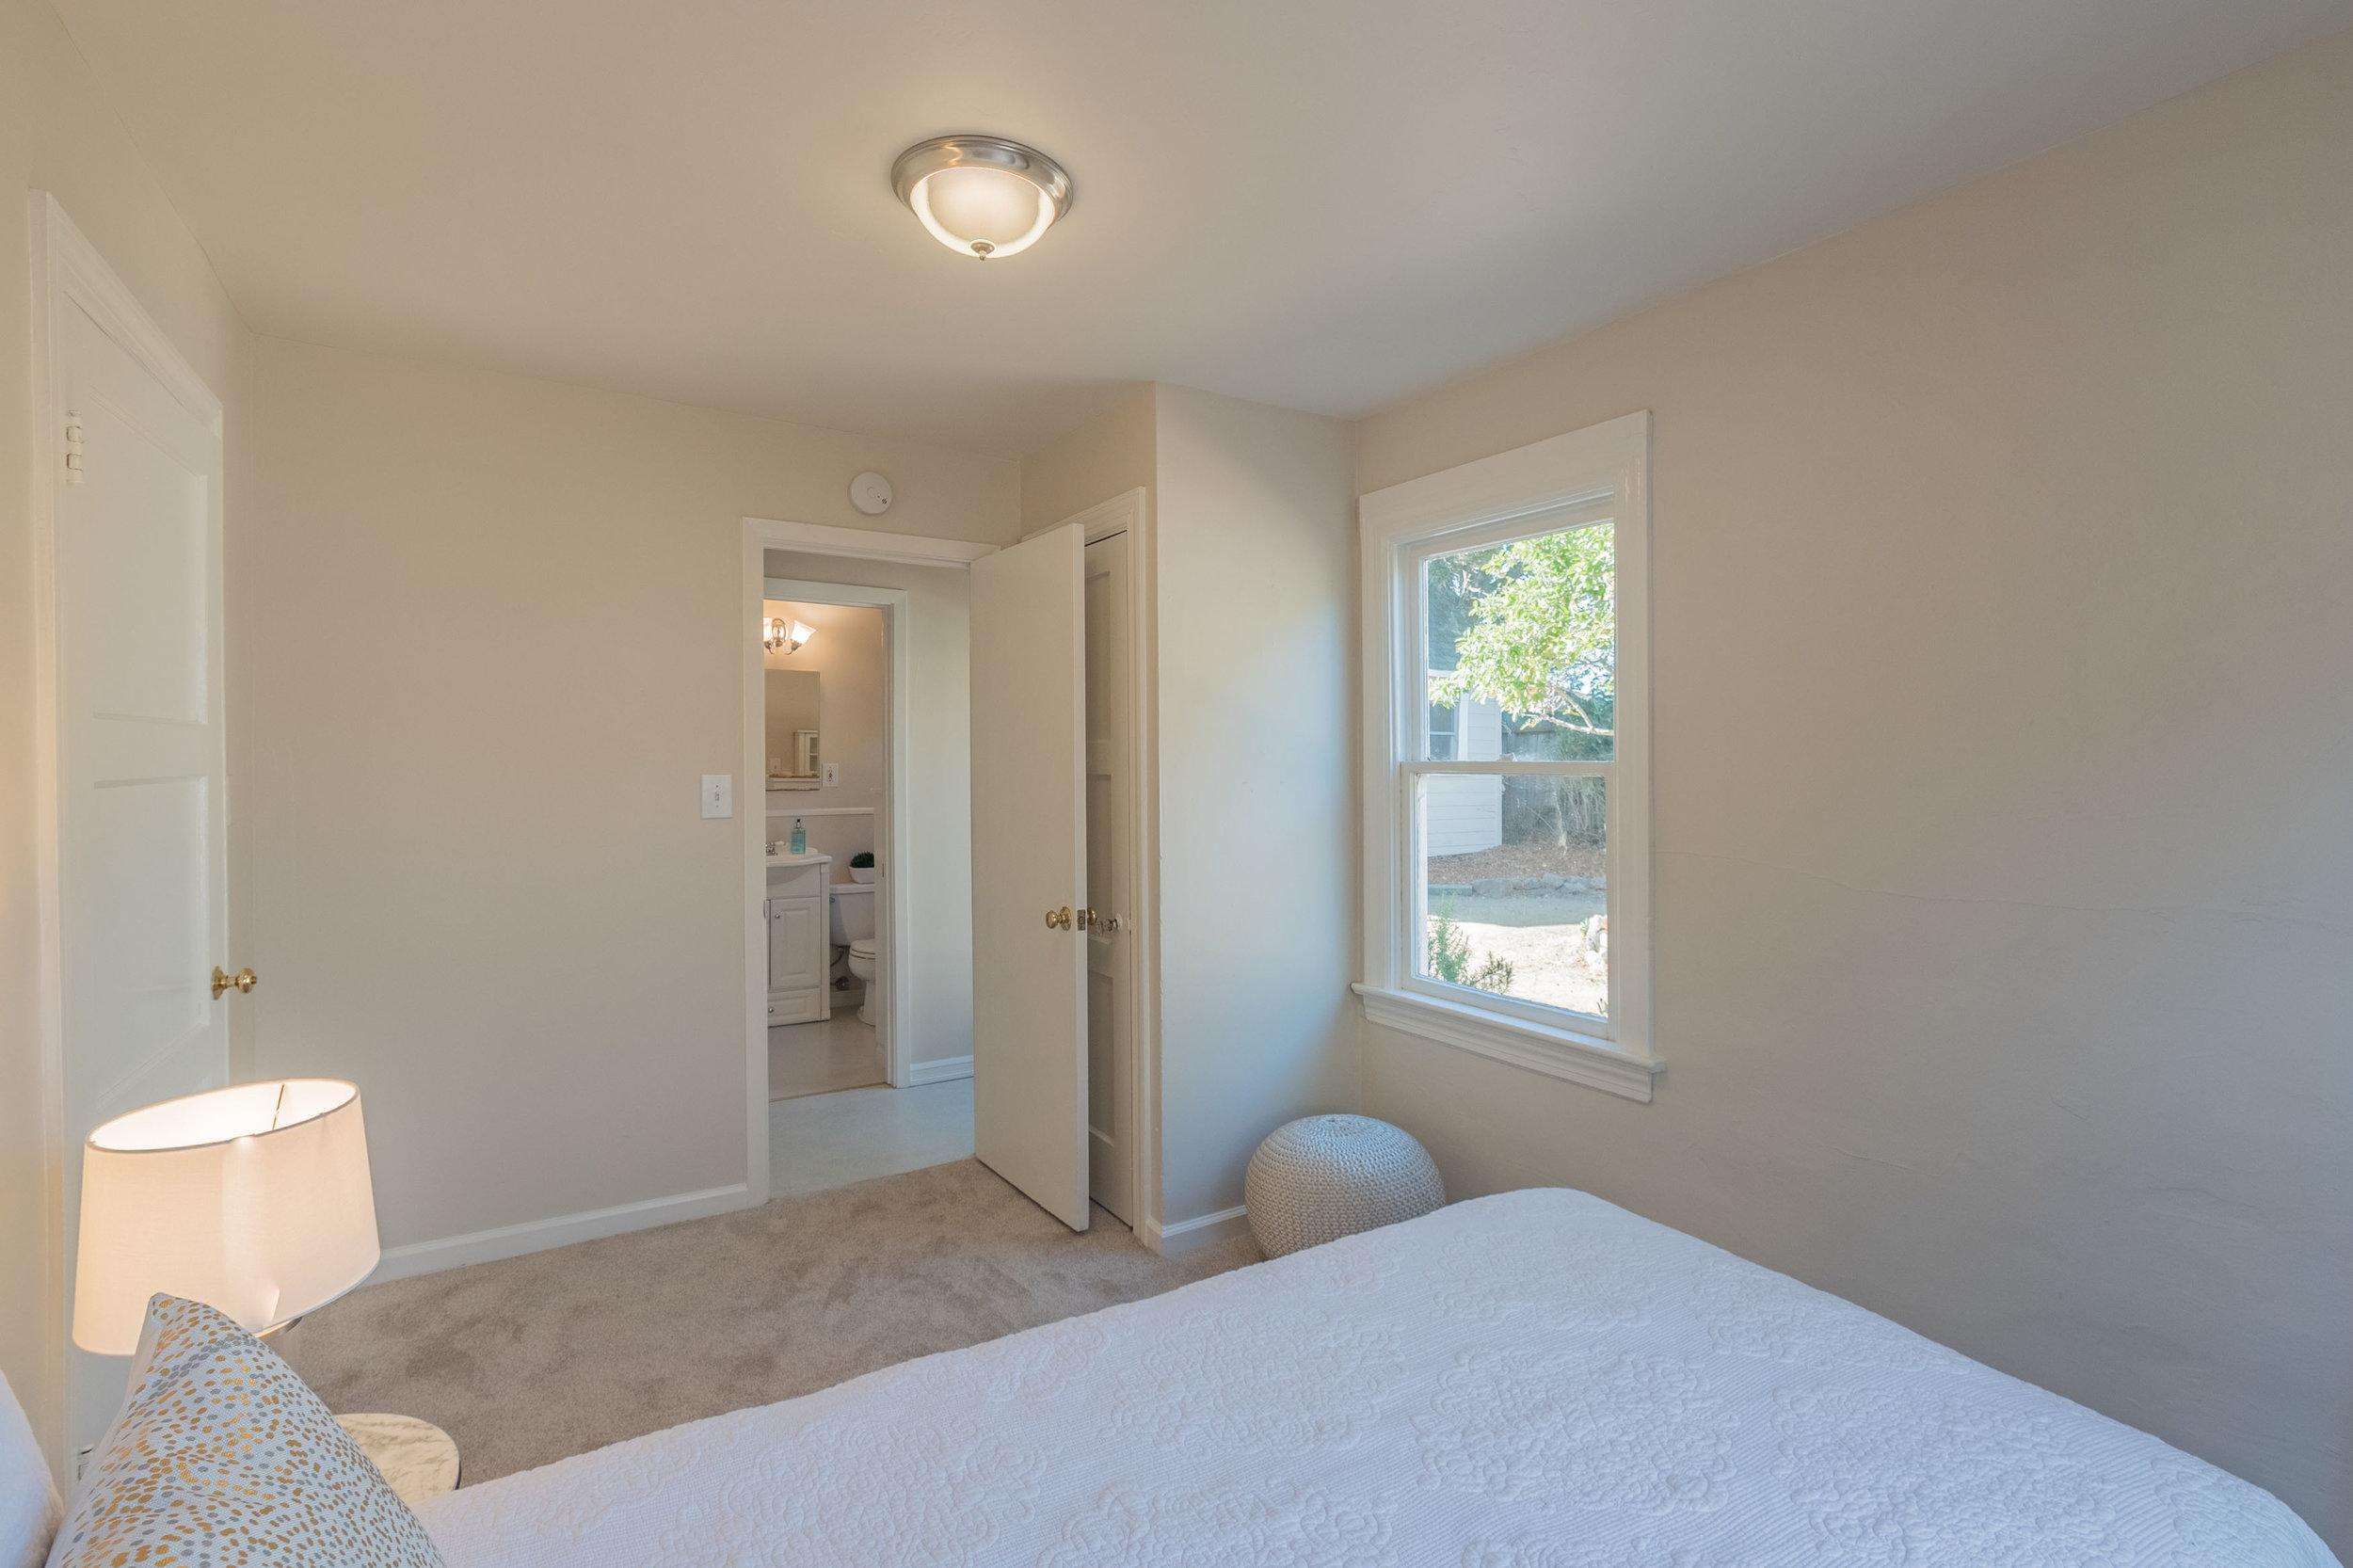 2 Bedroom Lower Westside Home with ADU in Santa Cruz